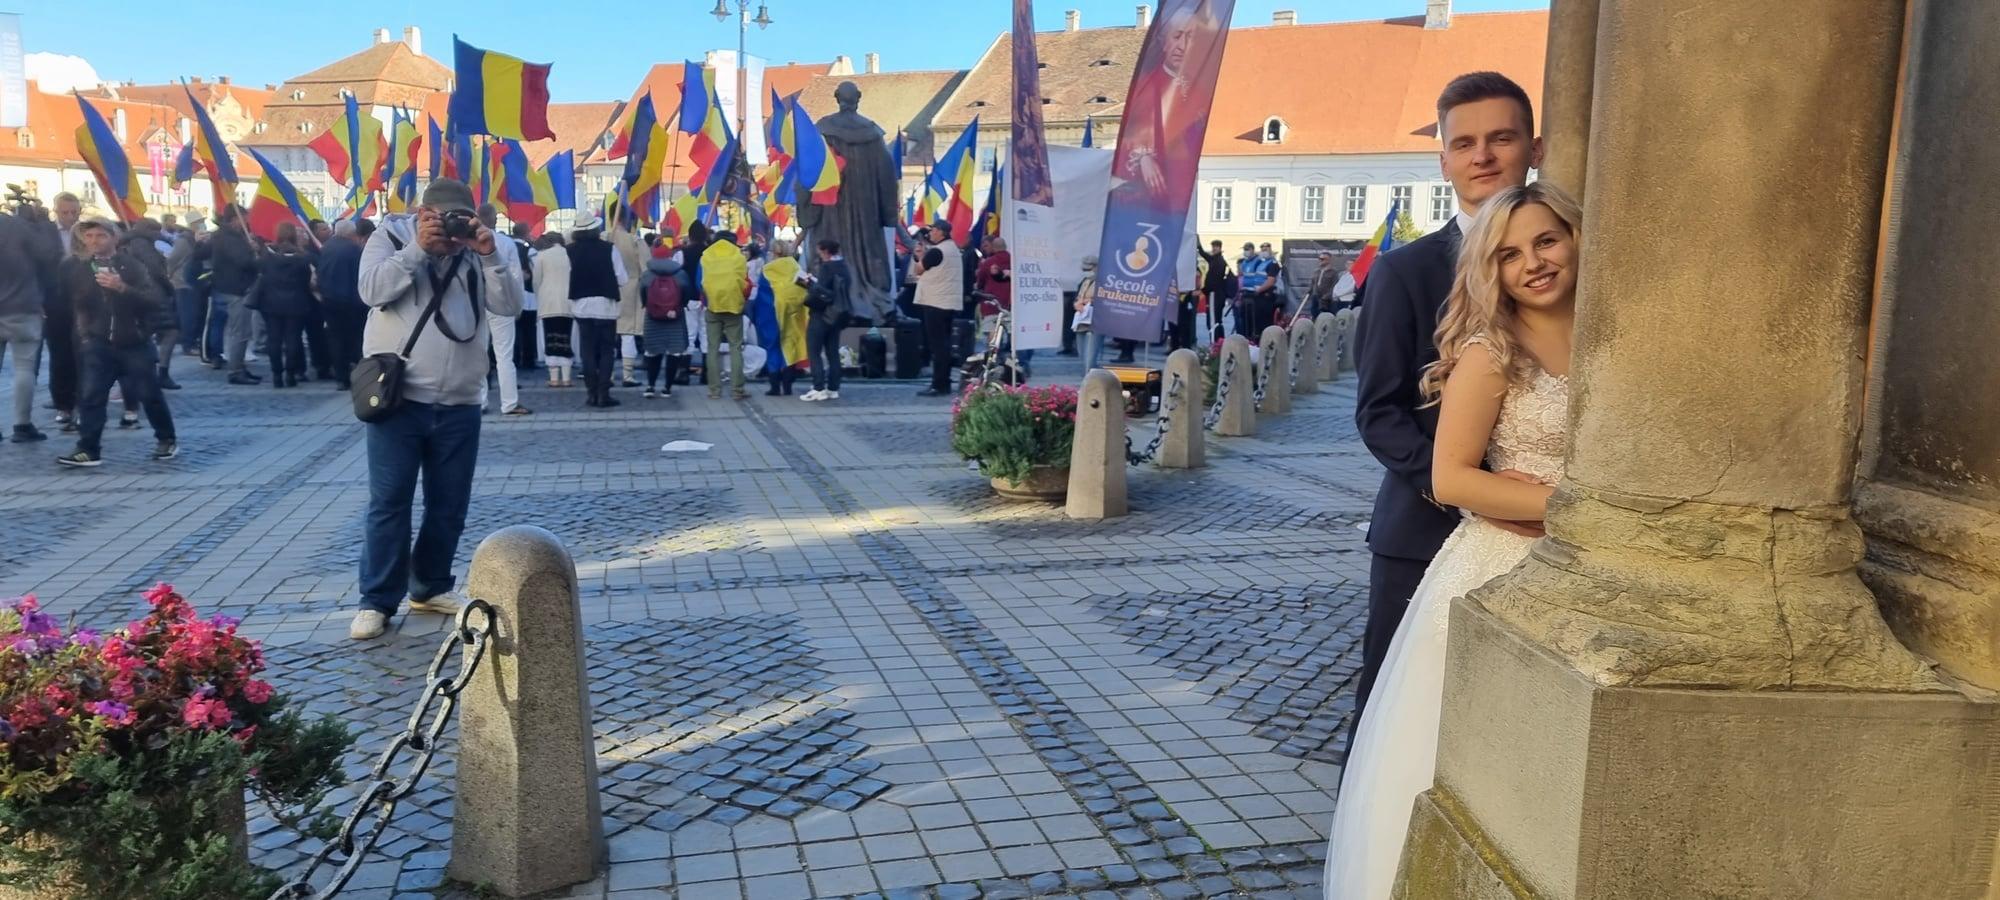 Always look on the bright side of life! - postare virală a Muzeului Brukenthal,  în timpul protestului de la statuie